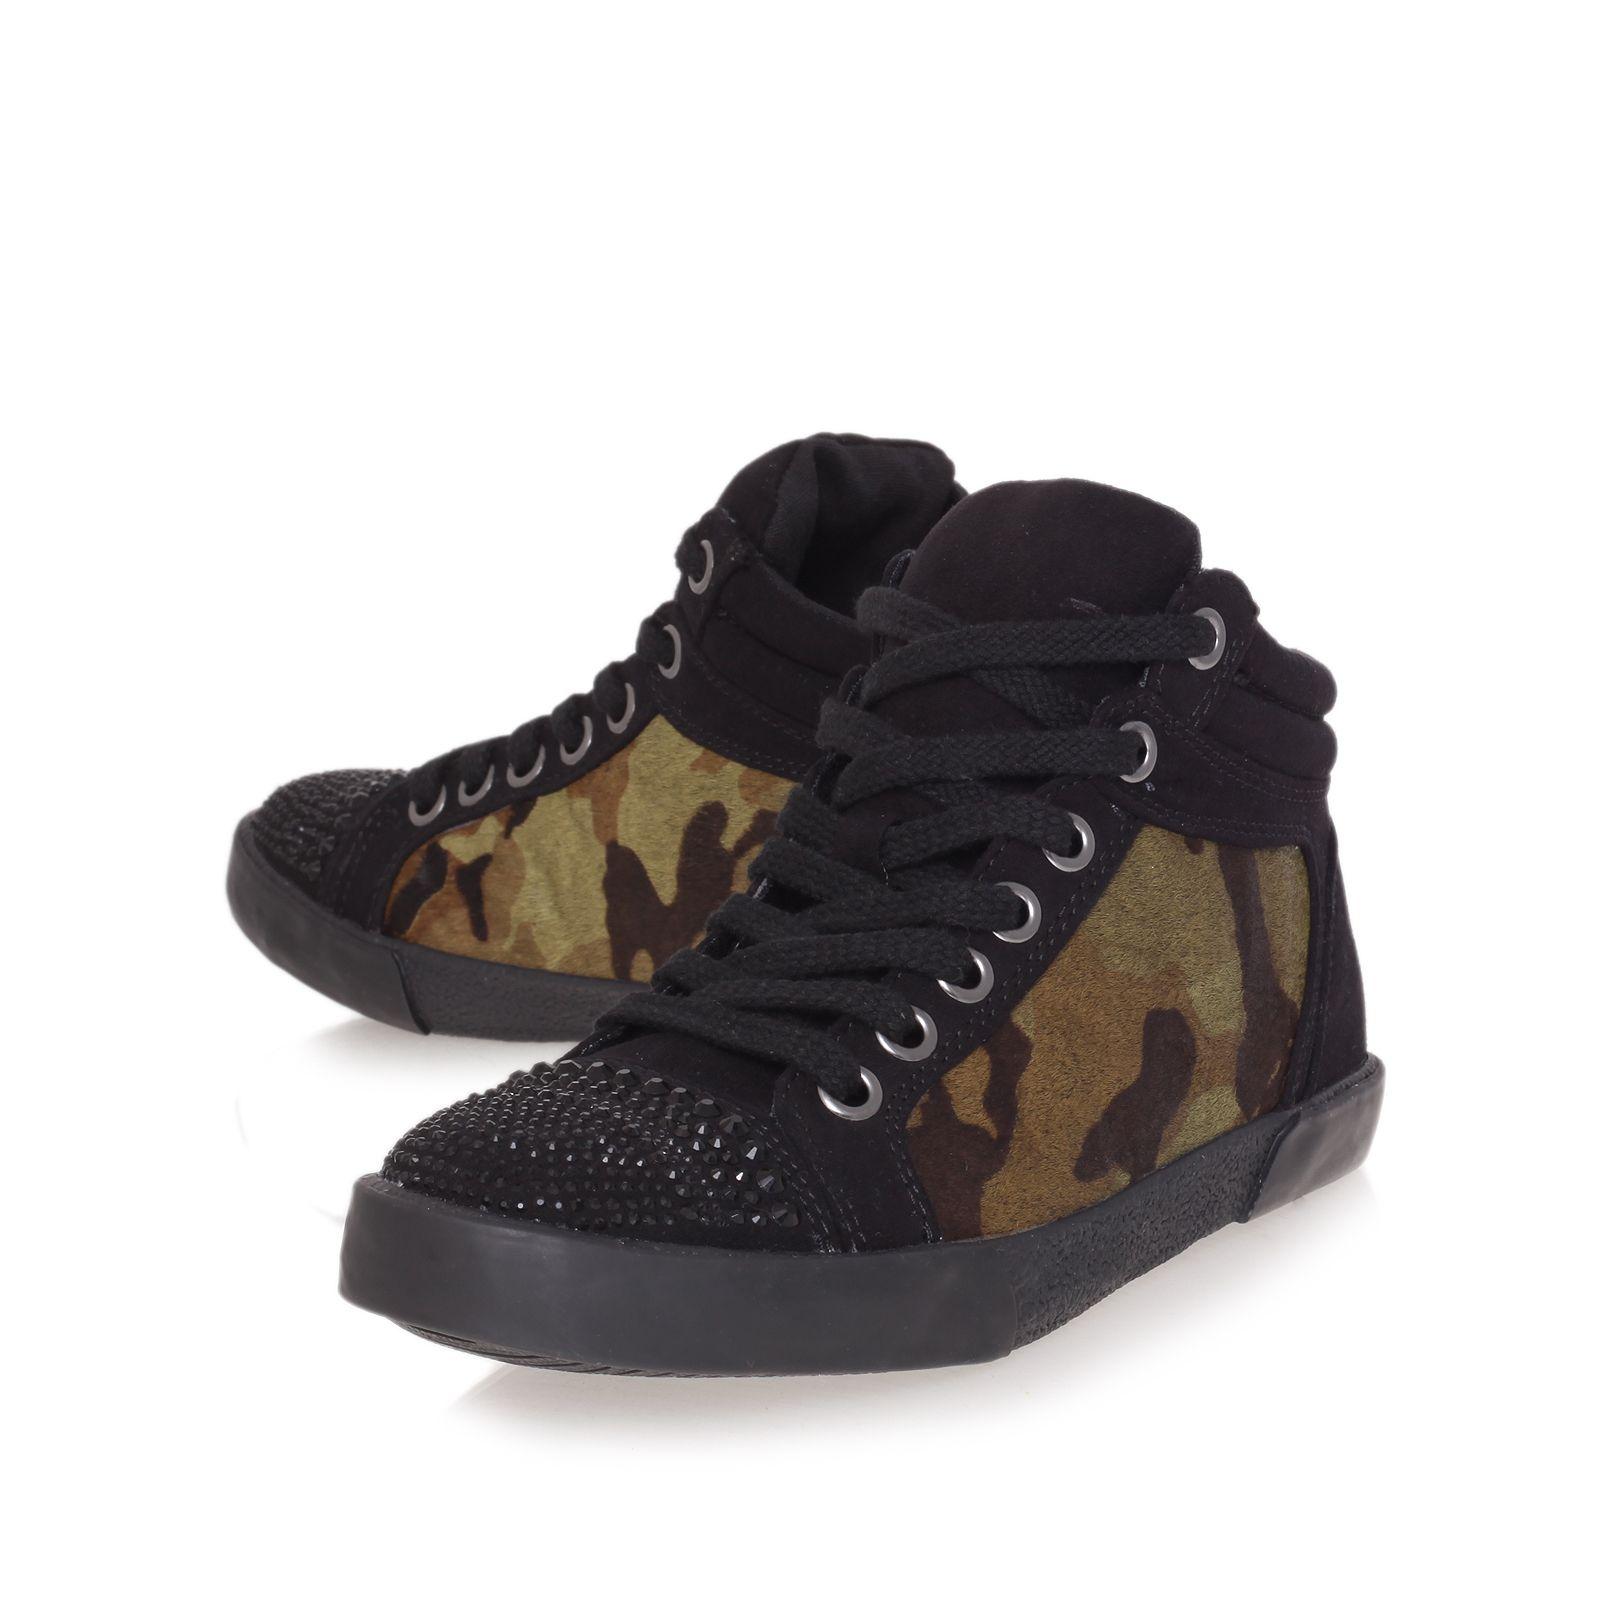 Carvela Kurt Geiger Laugh Trainer Shoes In Black For Men | Lyst